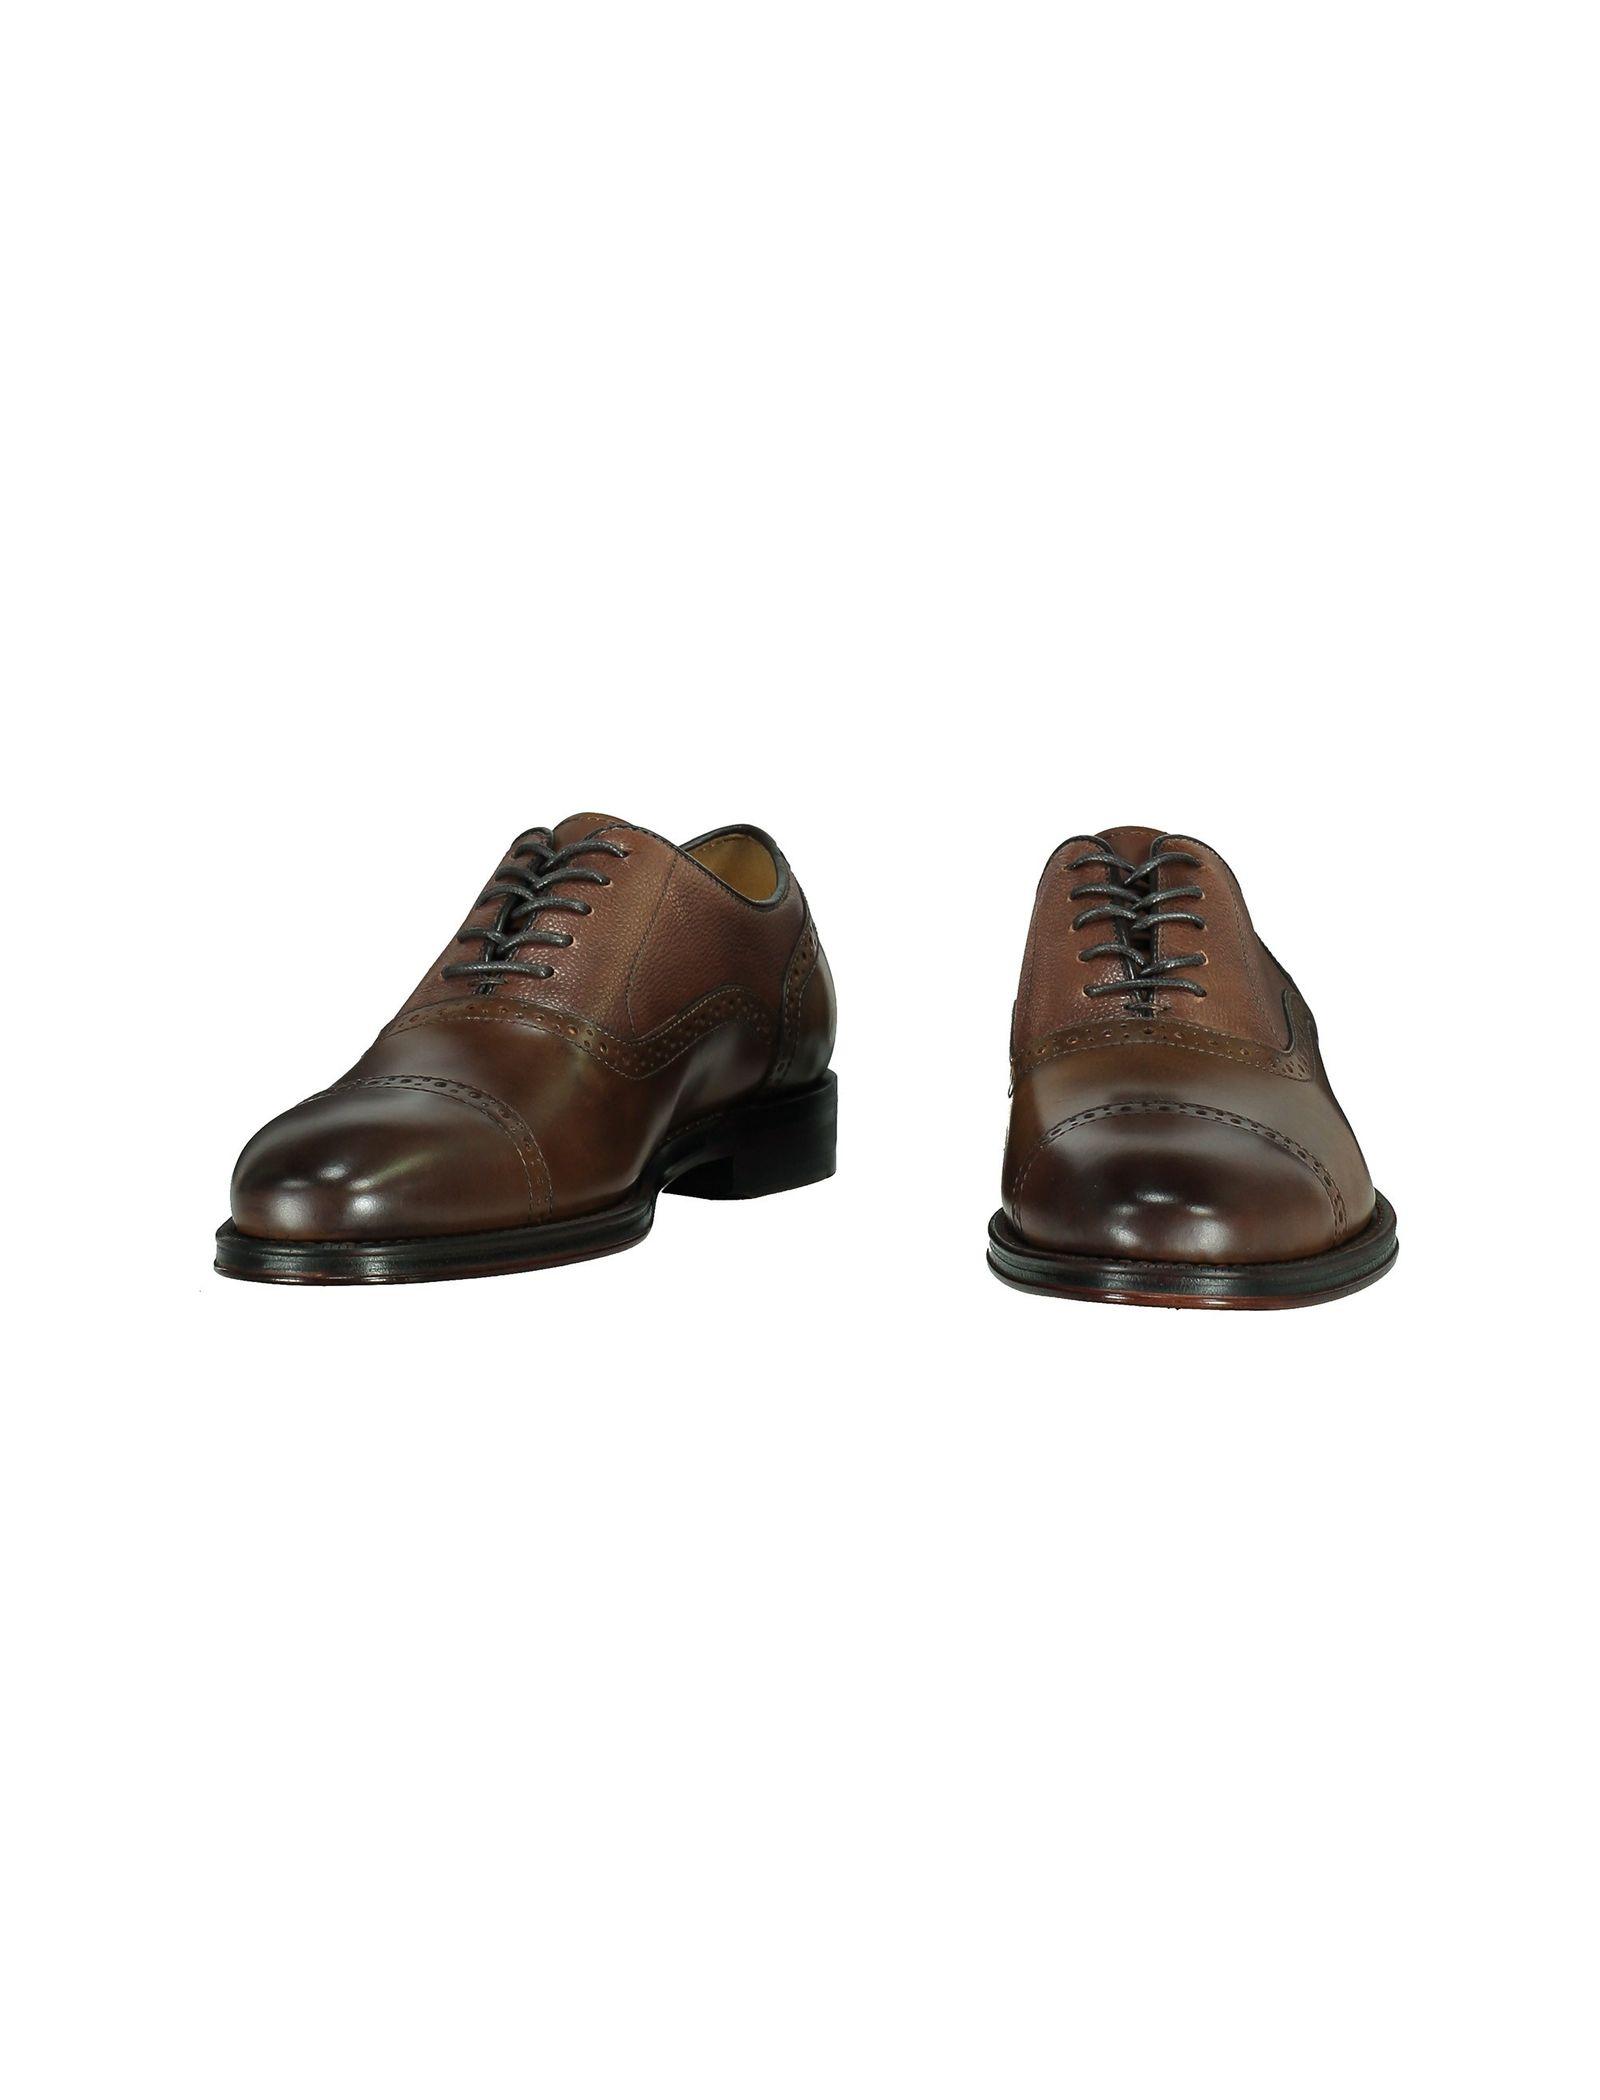 کفش رسمی چرم مردانه - آلدو - قهوه اي - 4